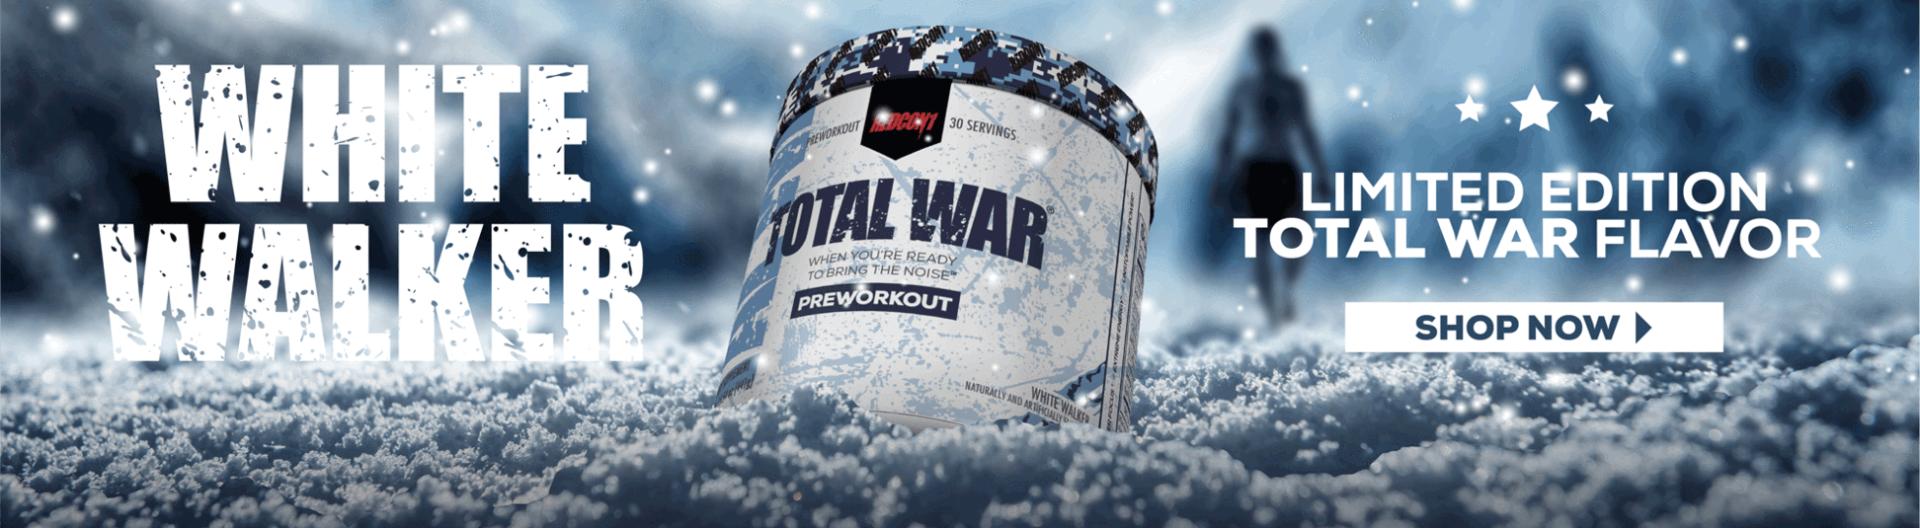 Total War White Walker